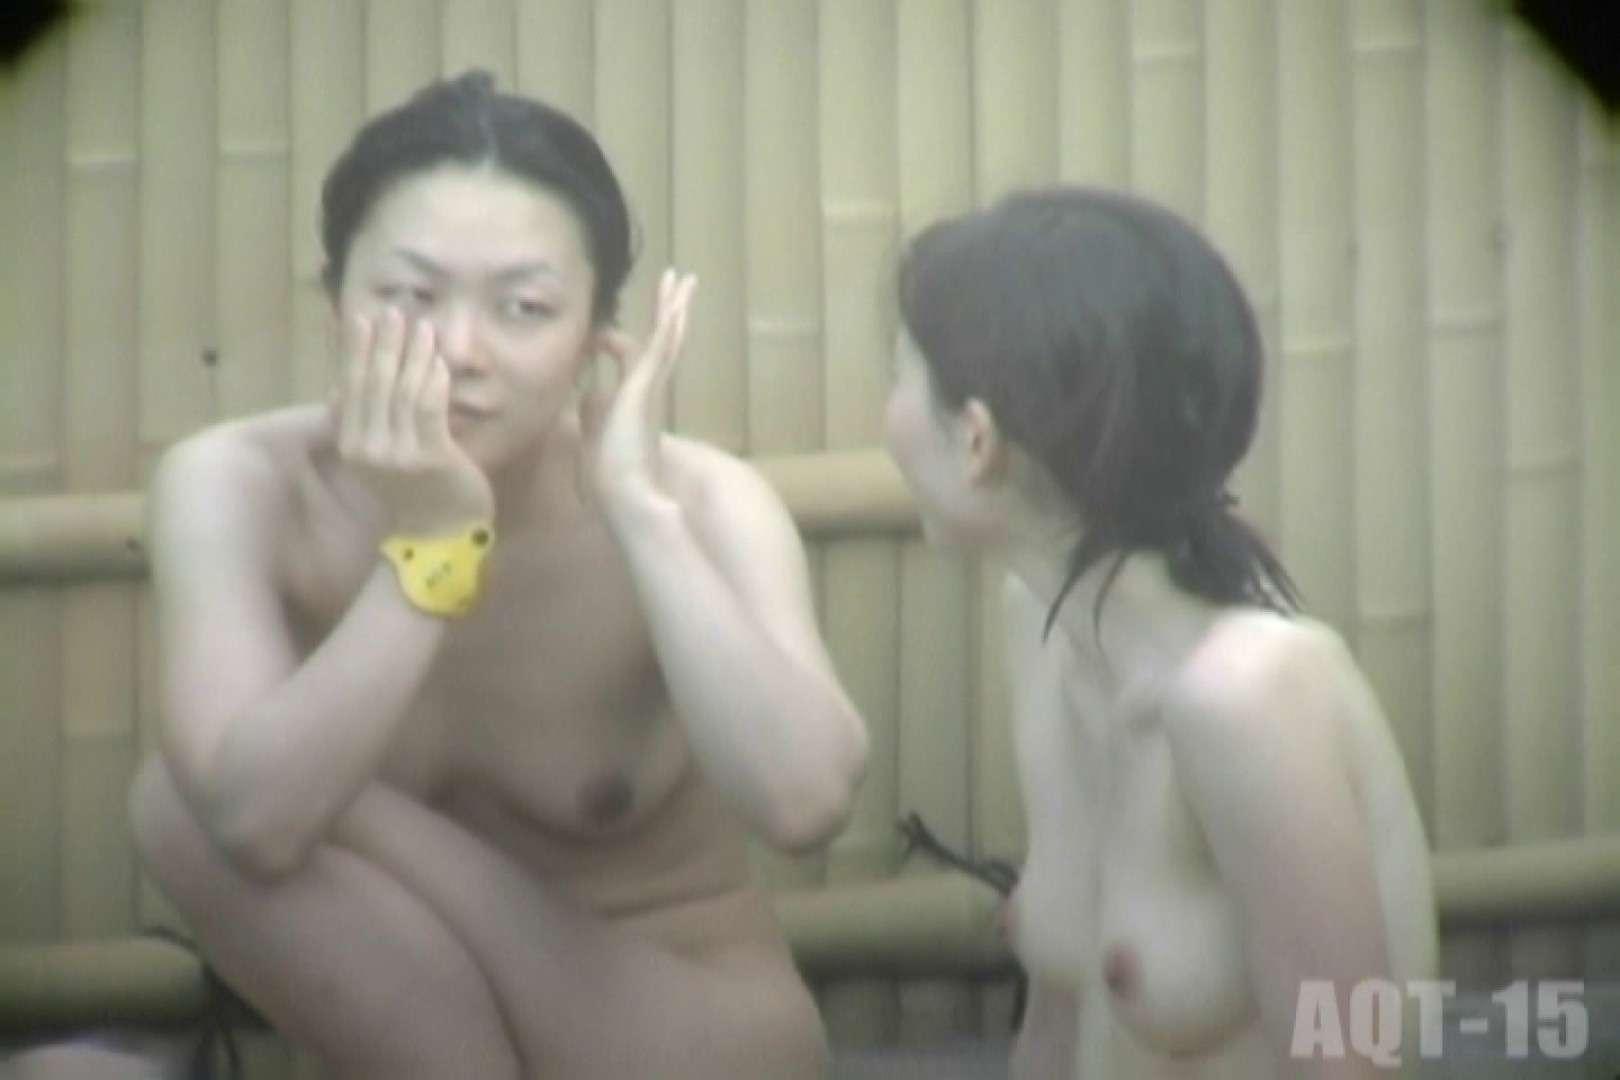 Aquaな露天風呂Vol.835 盗撮   OLのエロ生活  65連発 7